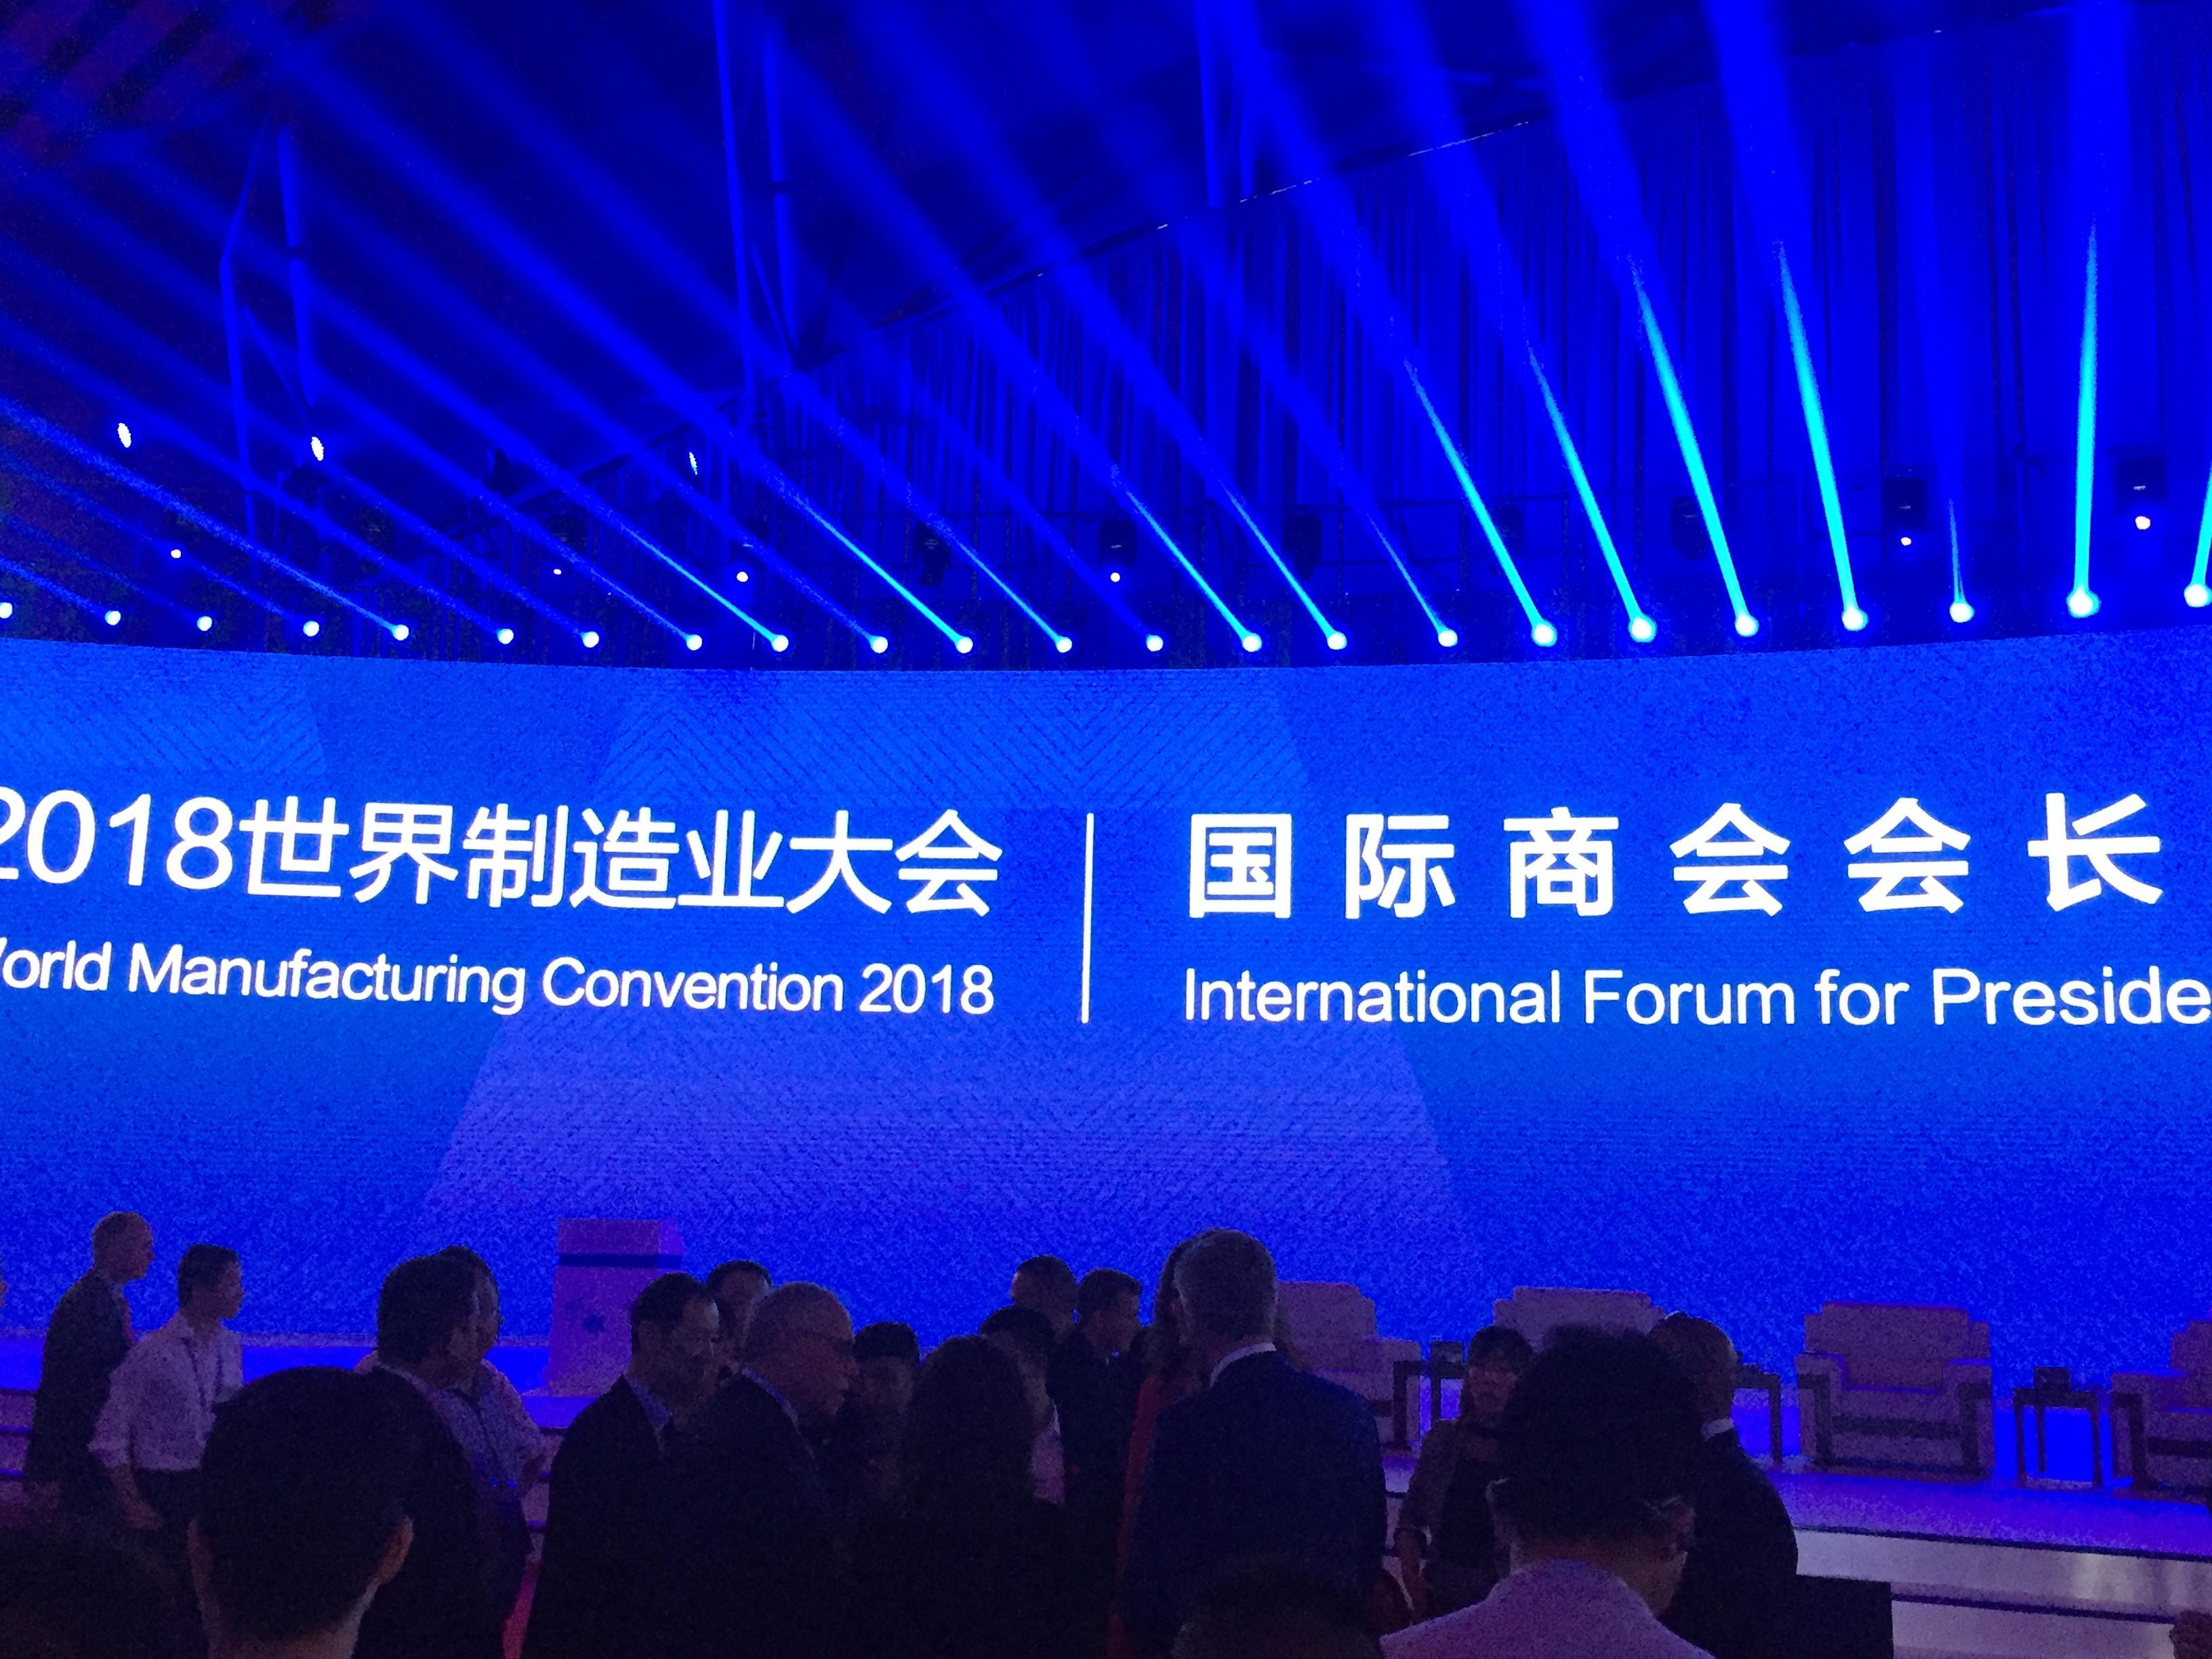 伽立實業受邀參加在安徽合肥召開的《2018世界制造業大會》